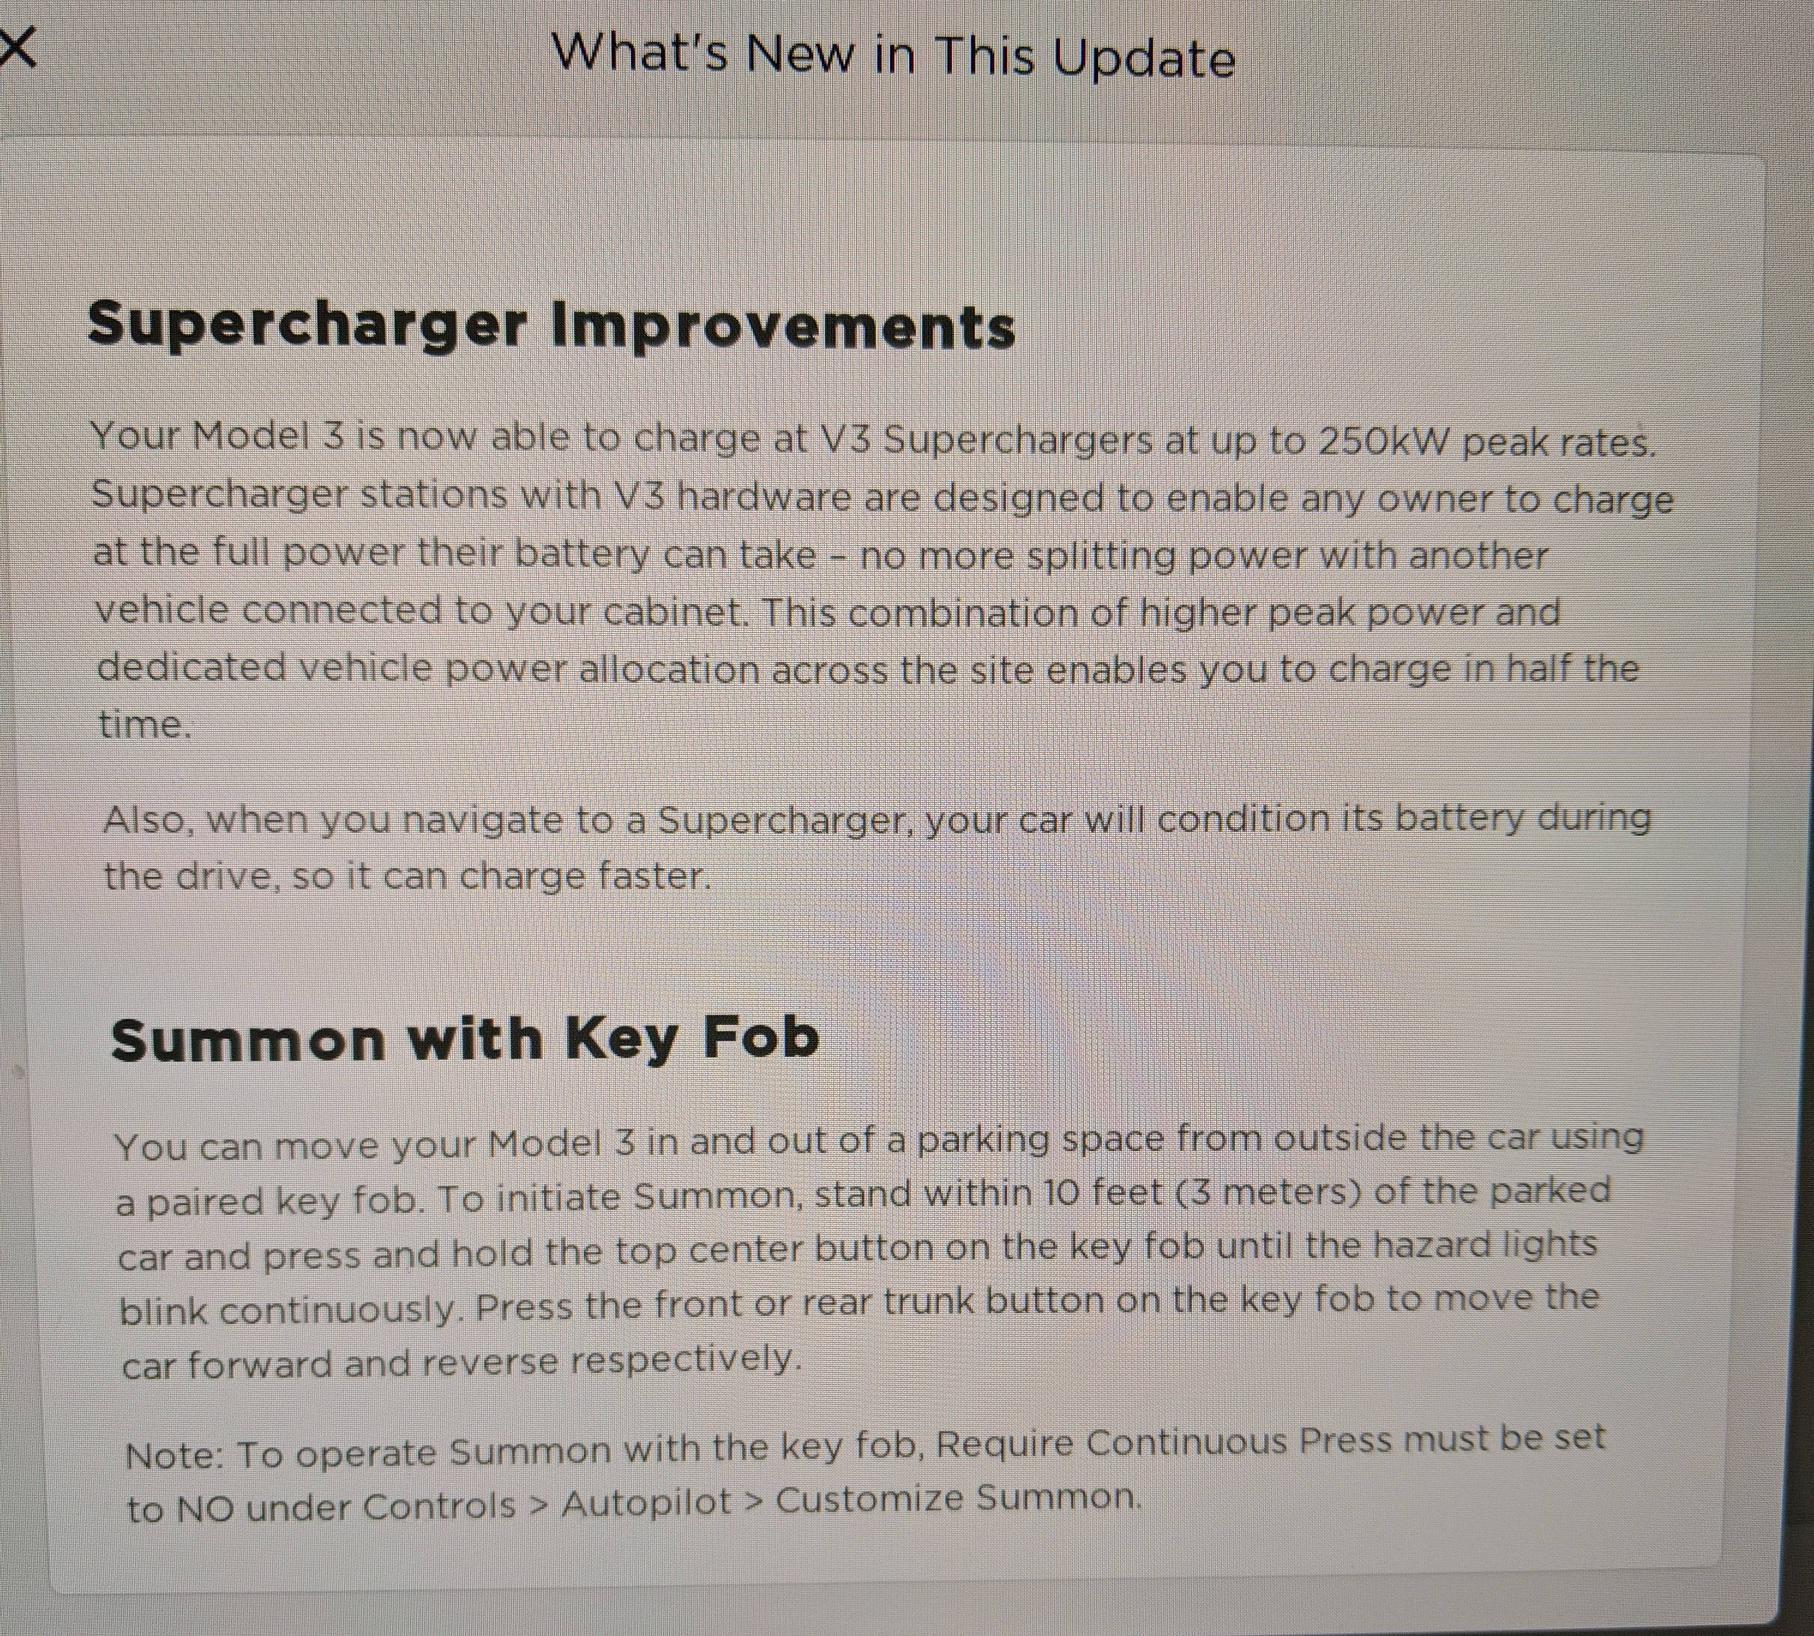 2019.7.11 release notes for Tesla Model 3 (Mar, 2019)